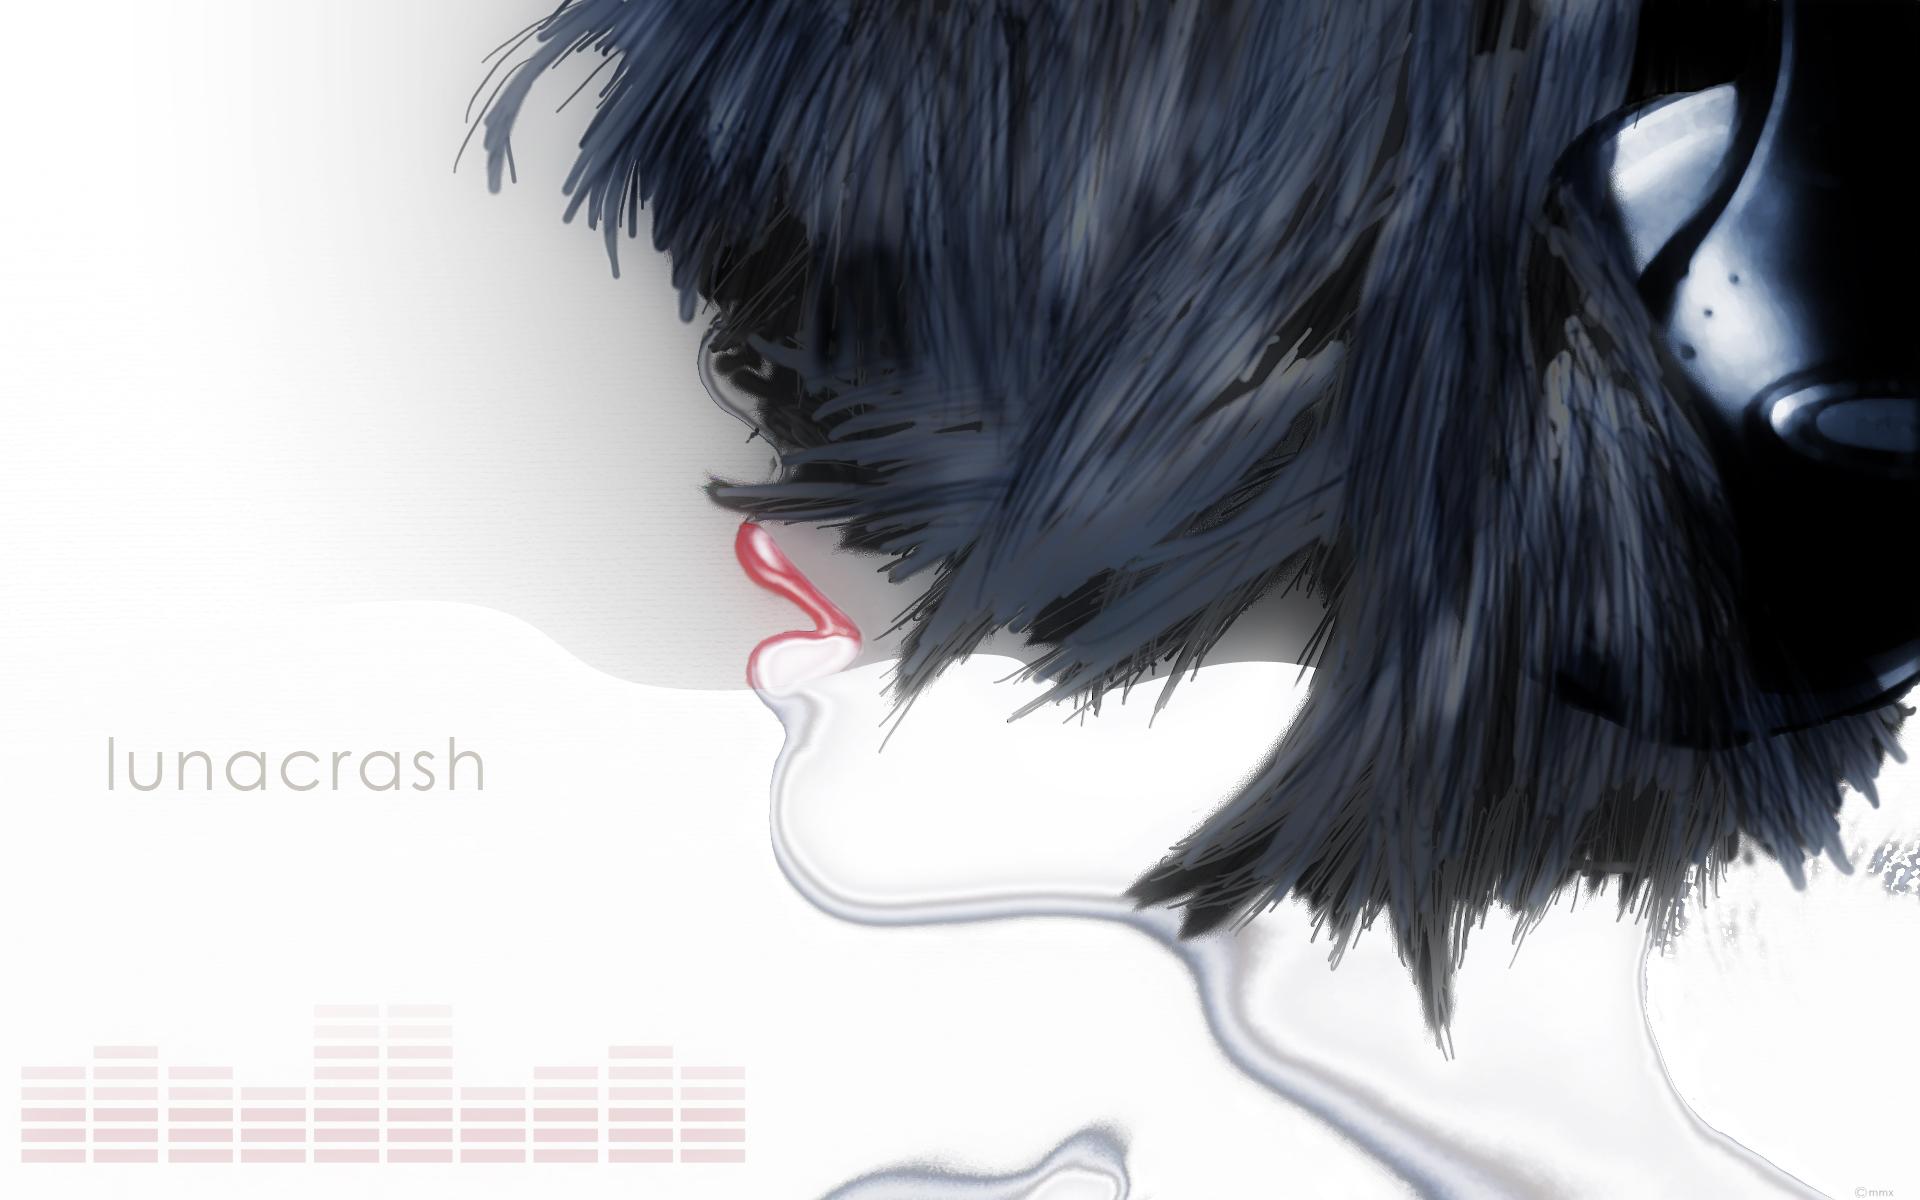 lunacrash by mmx2000